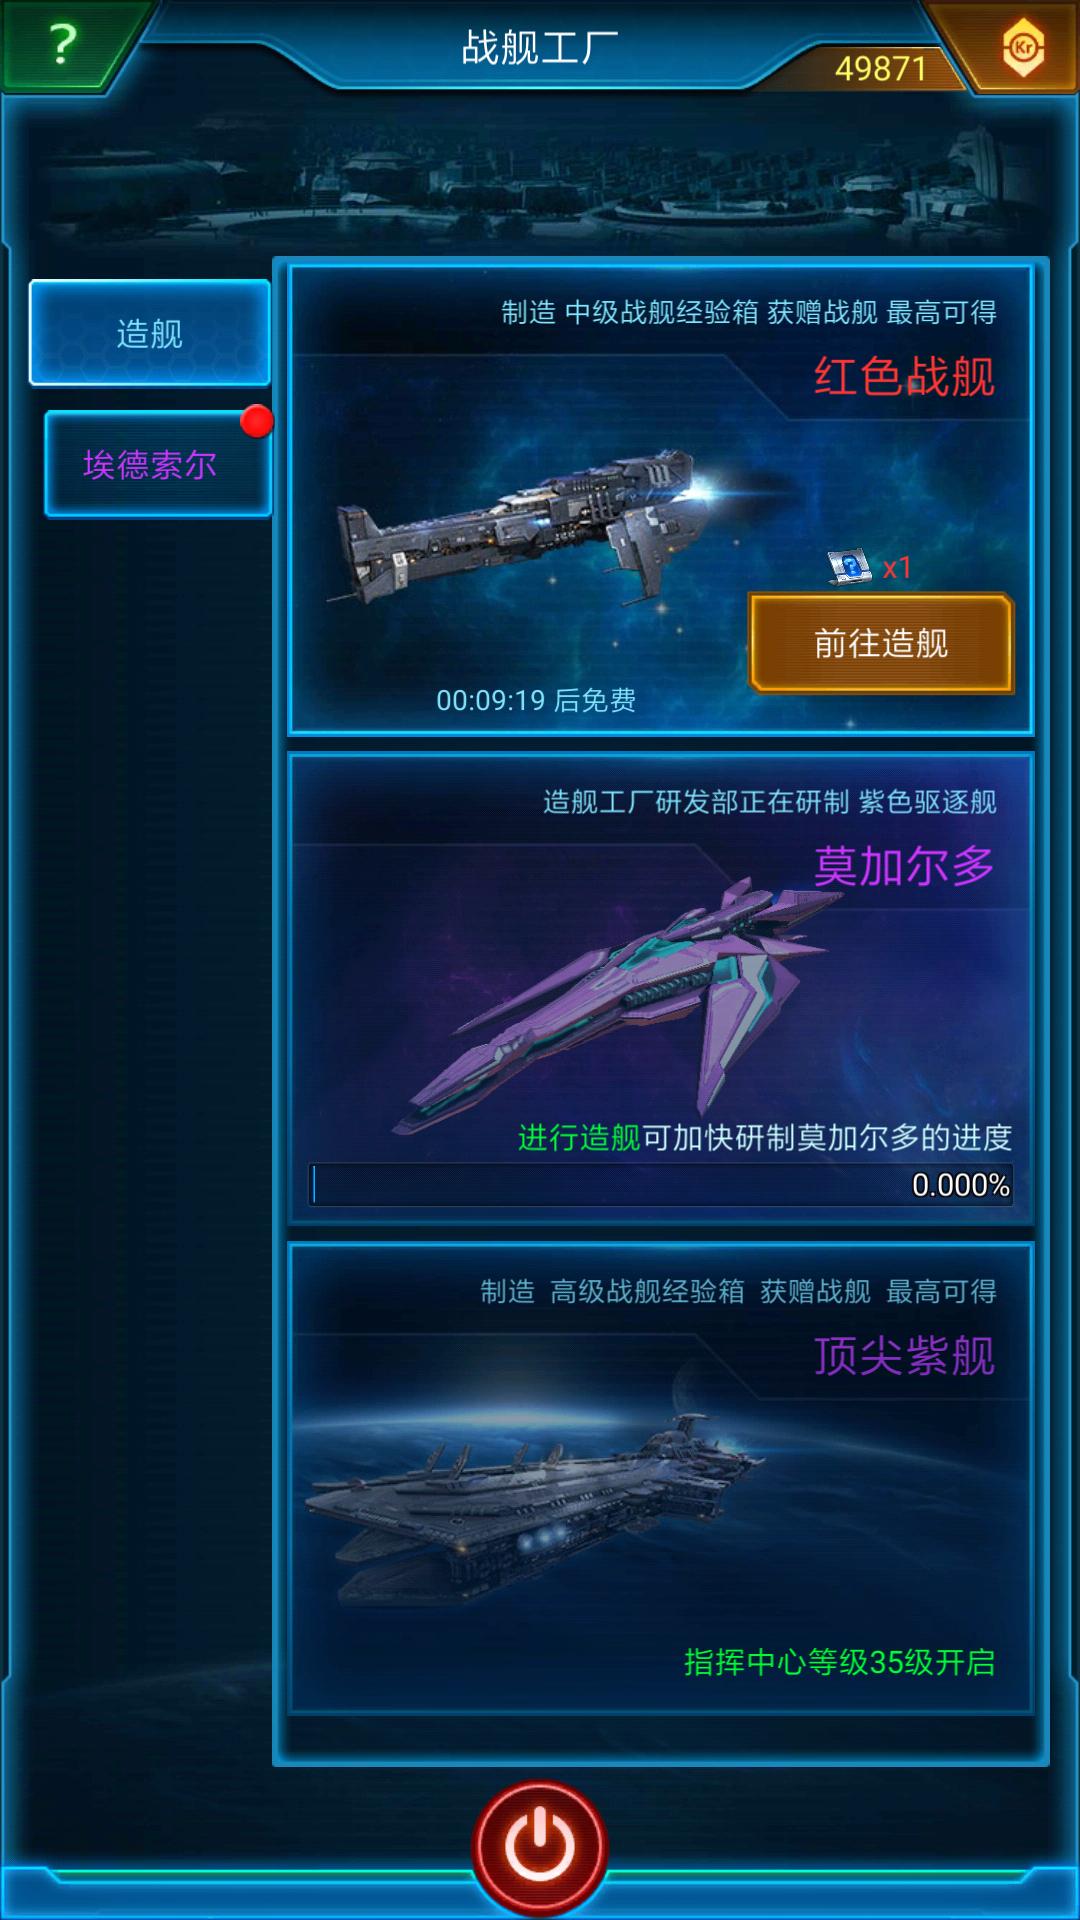 Screenshot_2019-05-31-06-52-54-436_com.tencent.tmgp.p16s.png